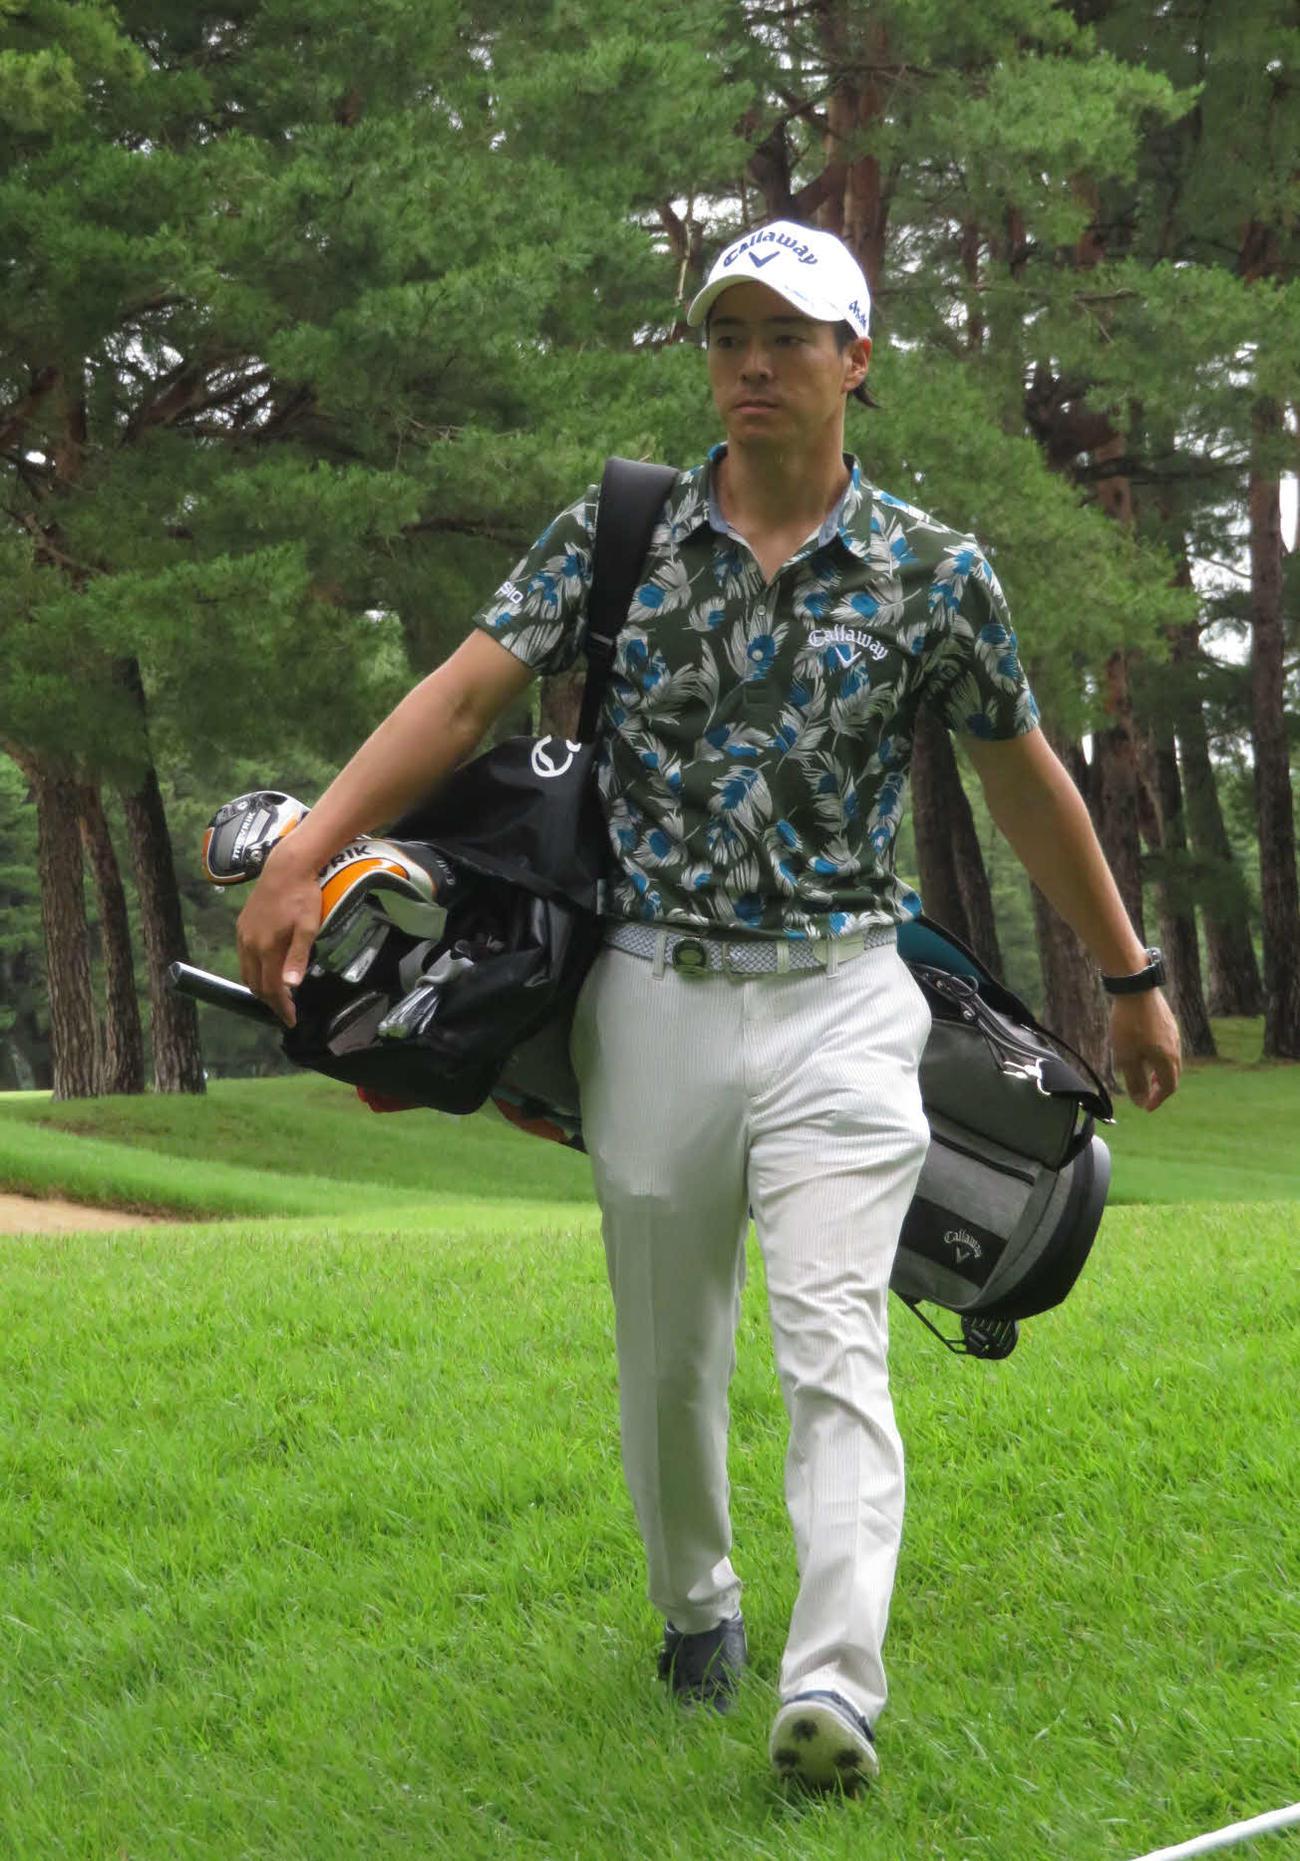 セルフプレーのためバッグを担ぎながら、9番グリーンから移動する石川遼(撮影・高田文太)